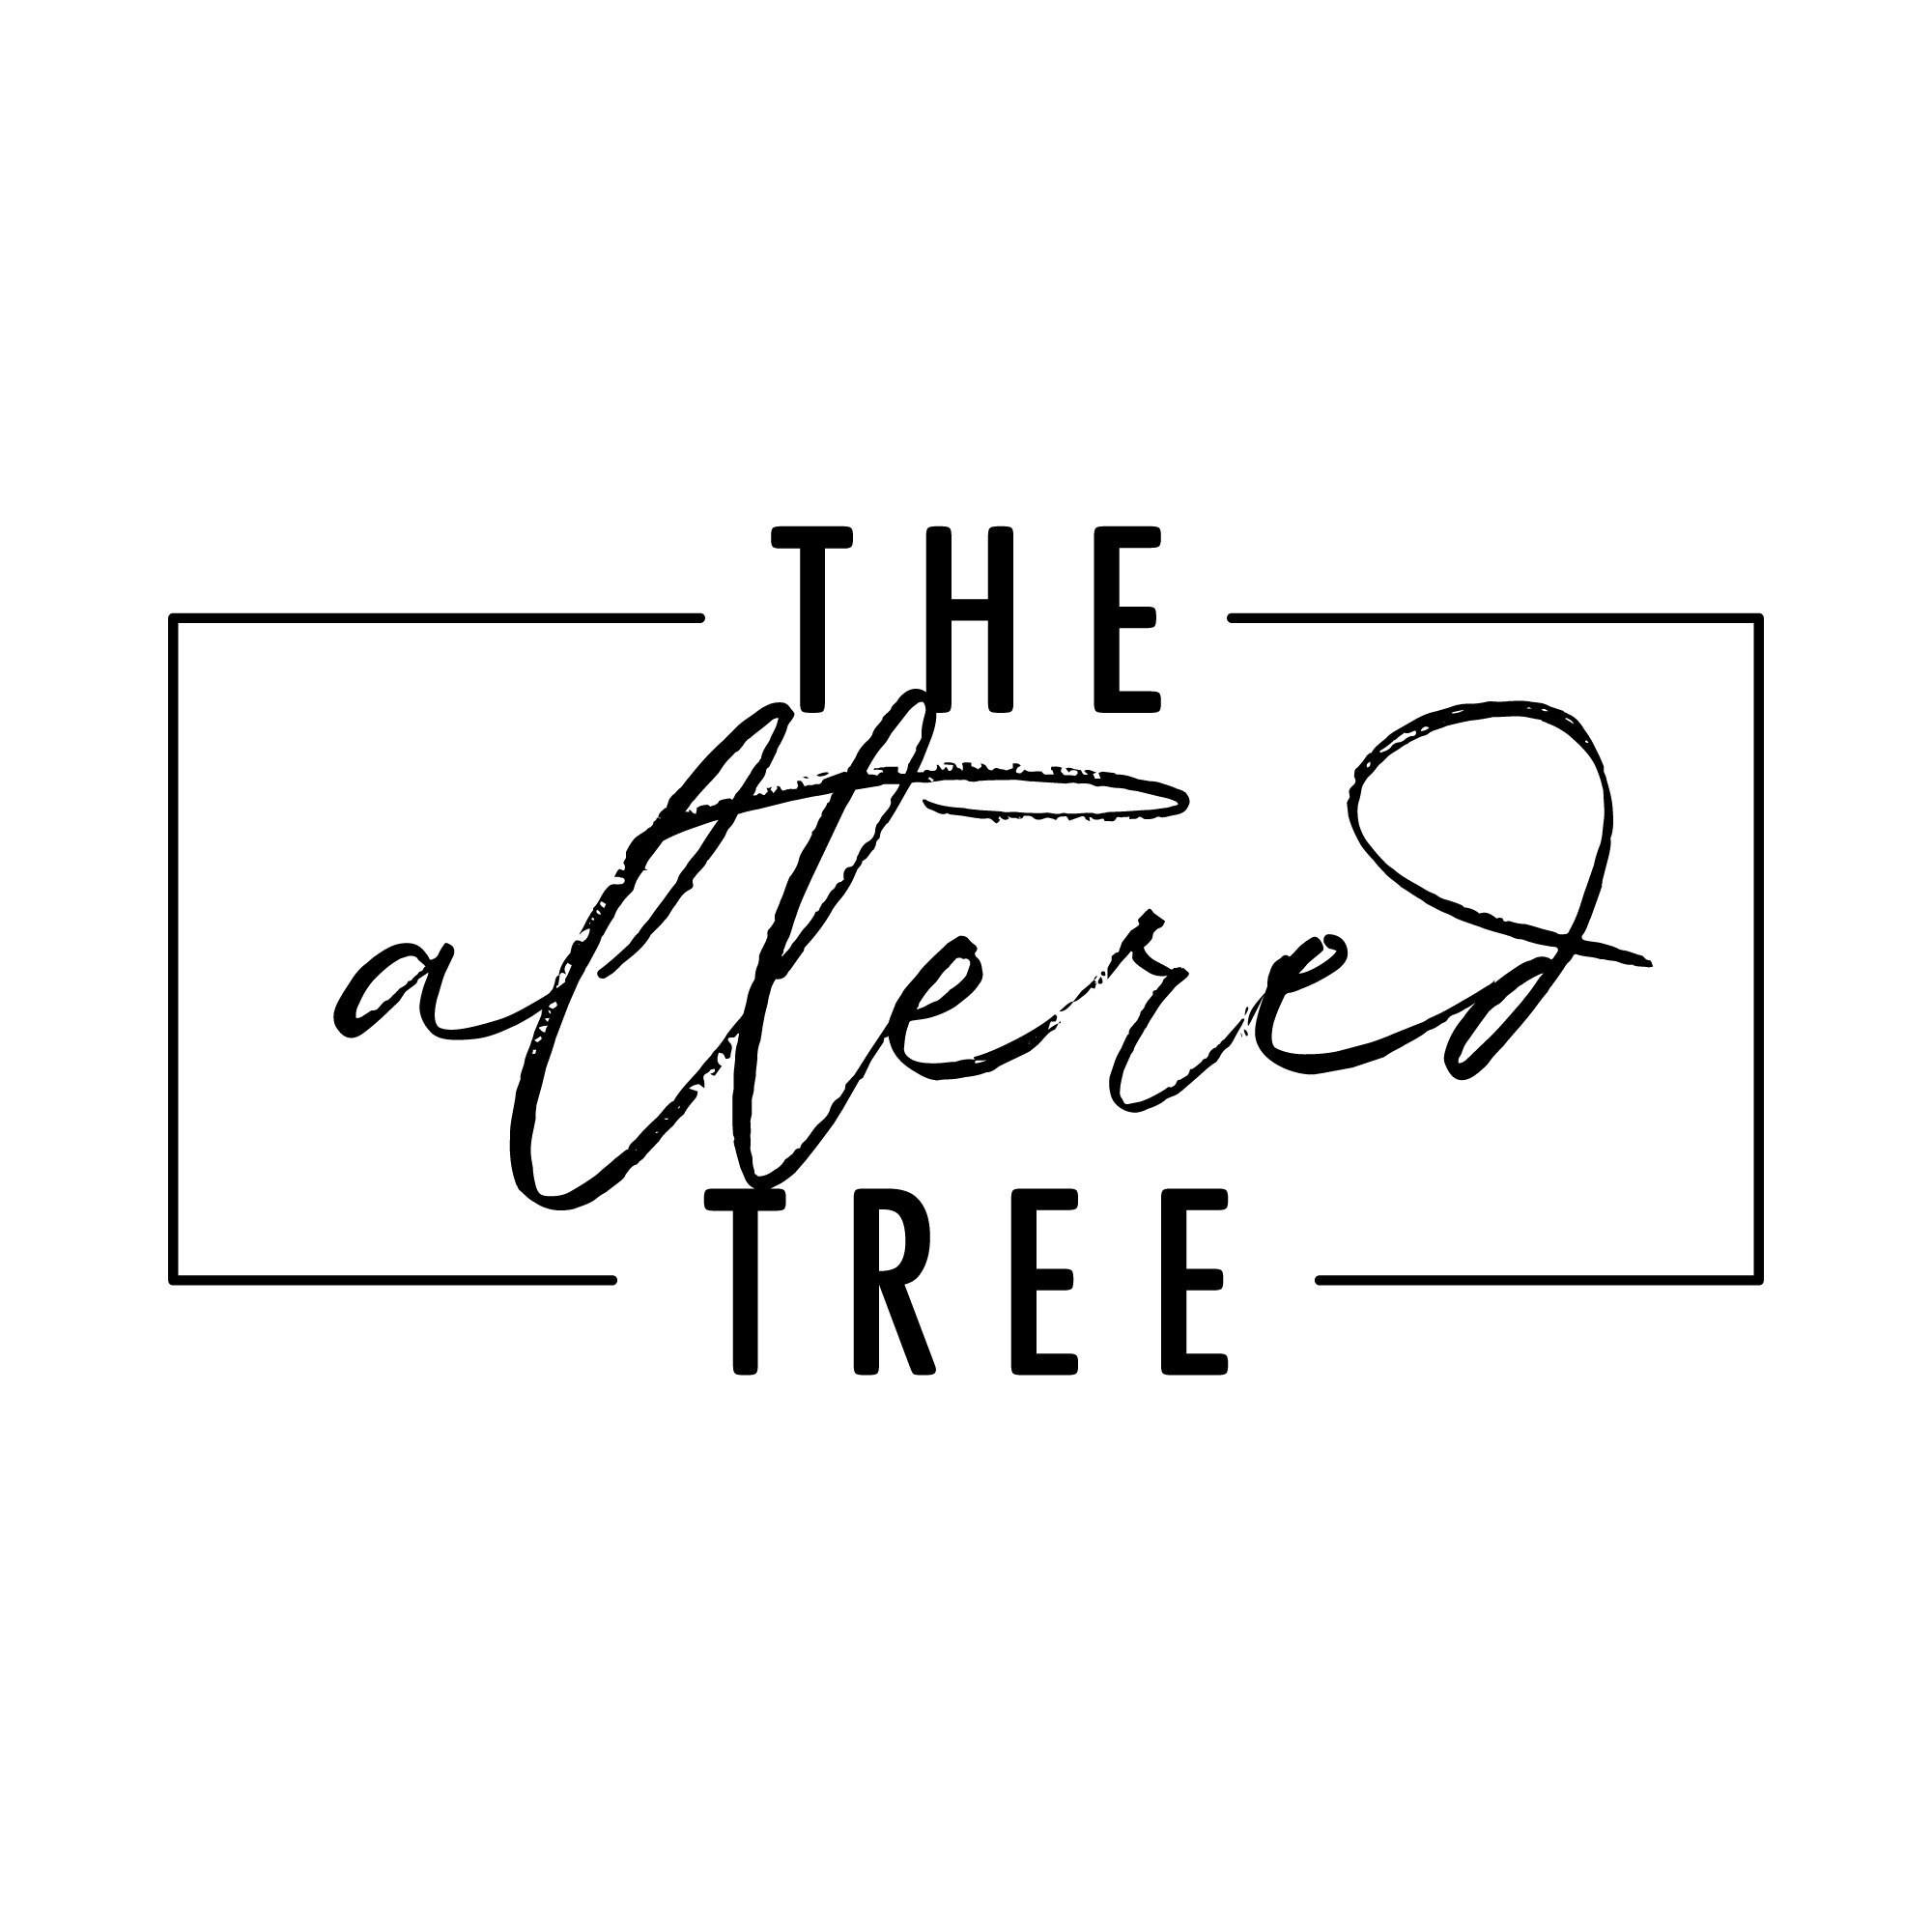 TheAlteredTree